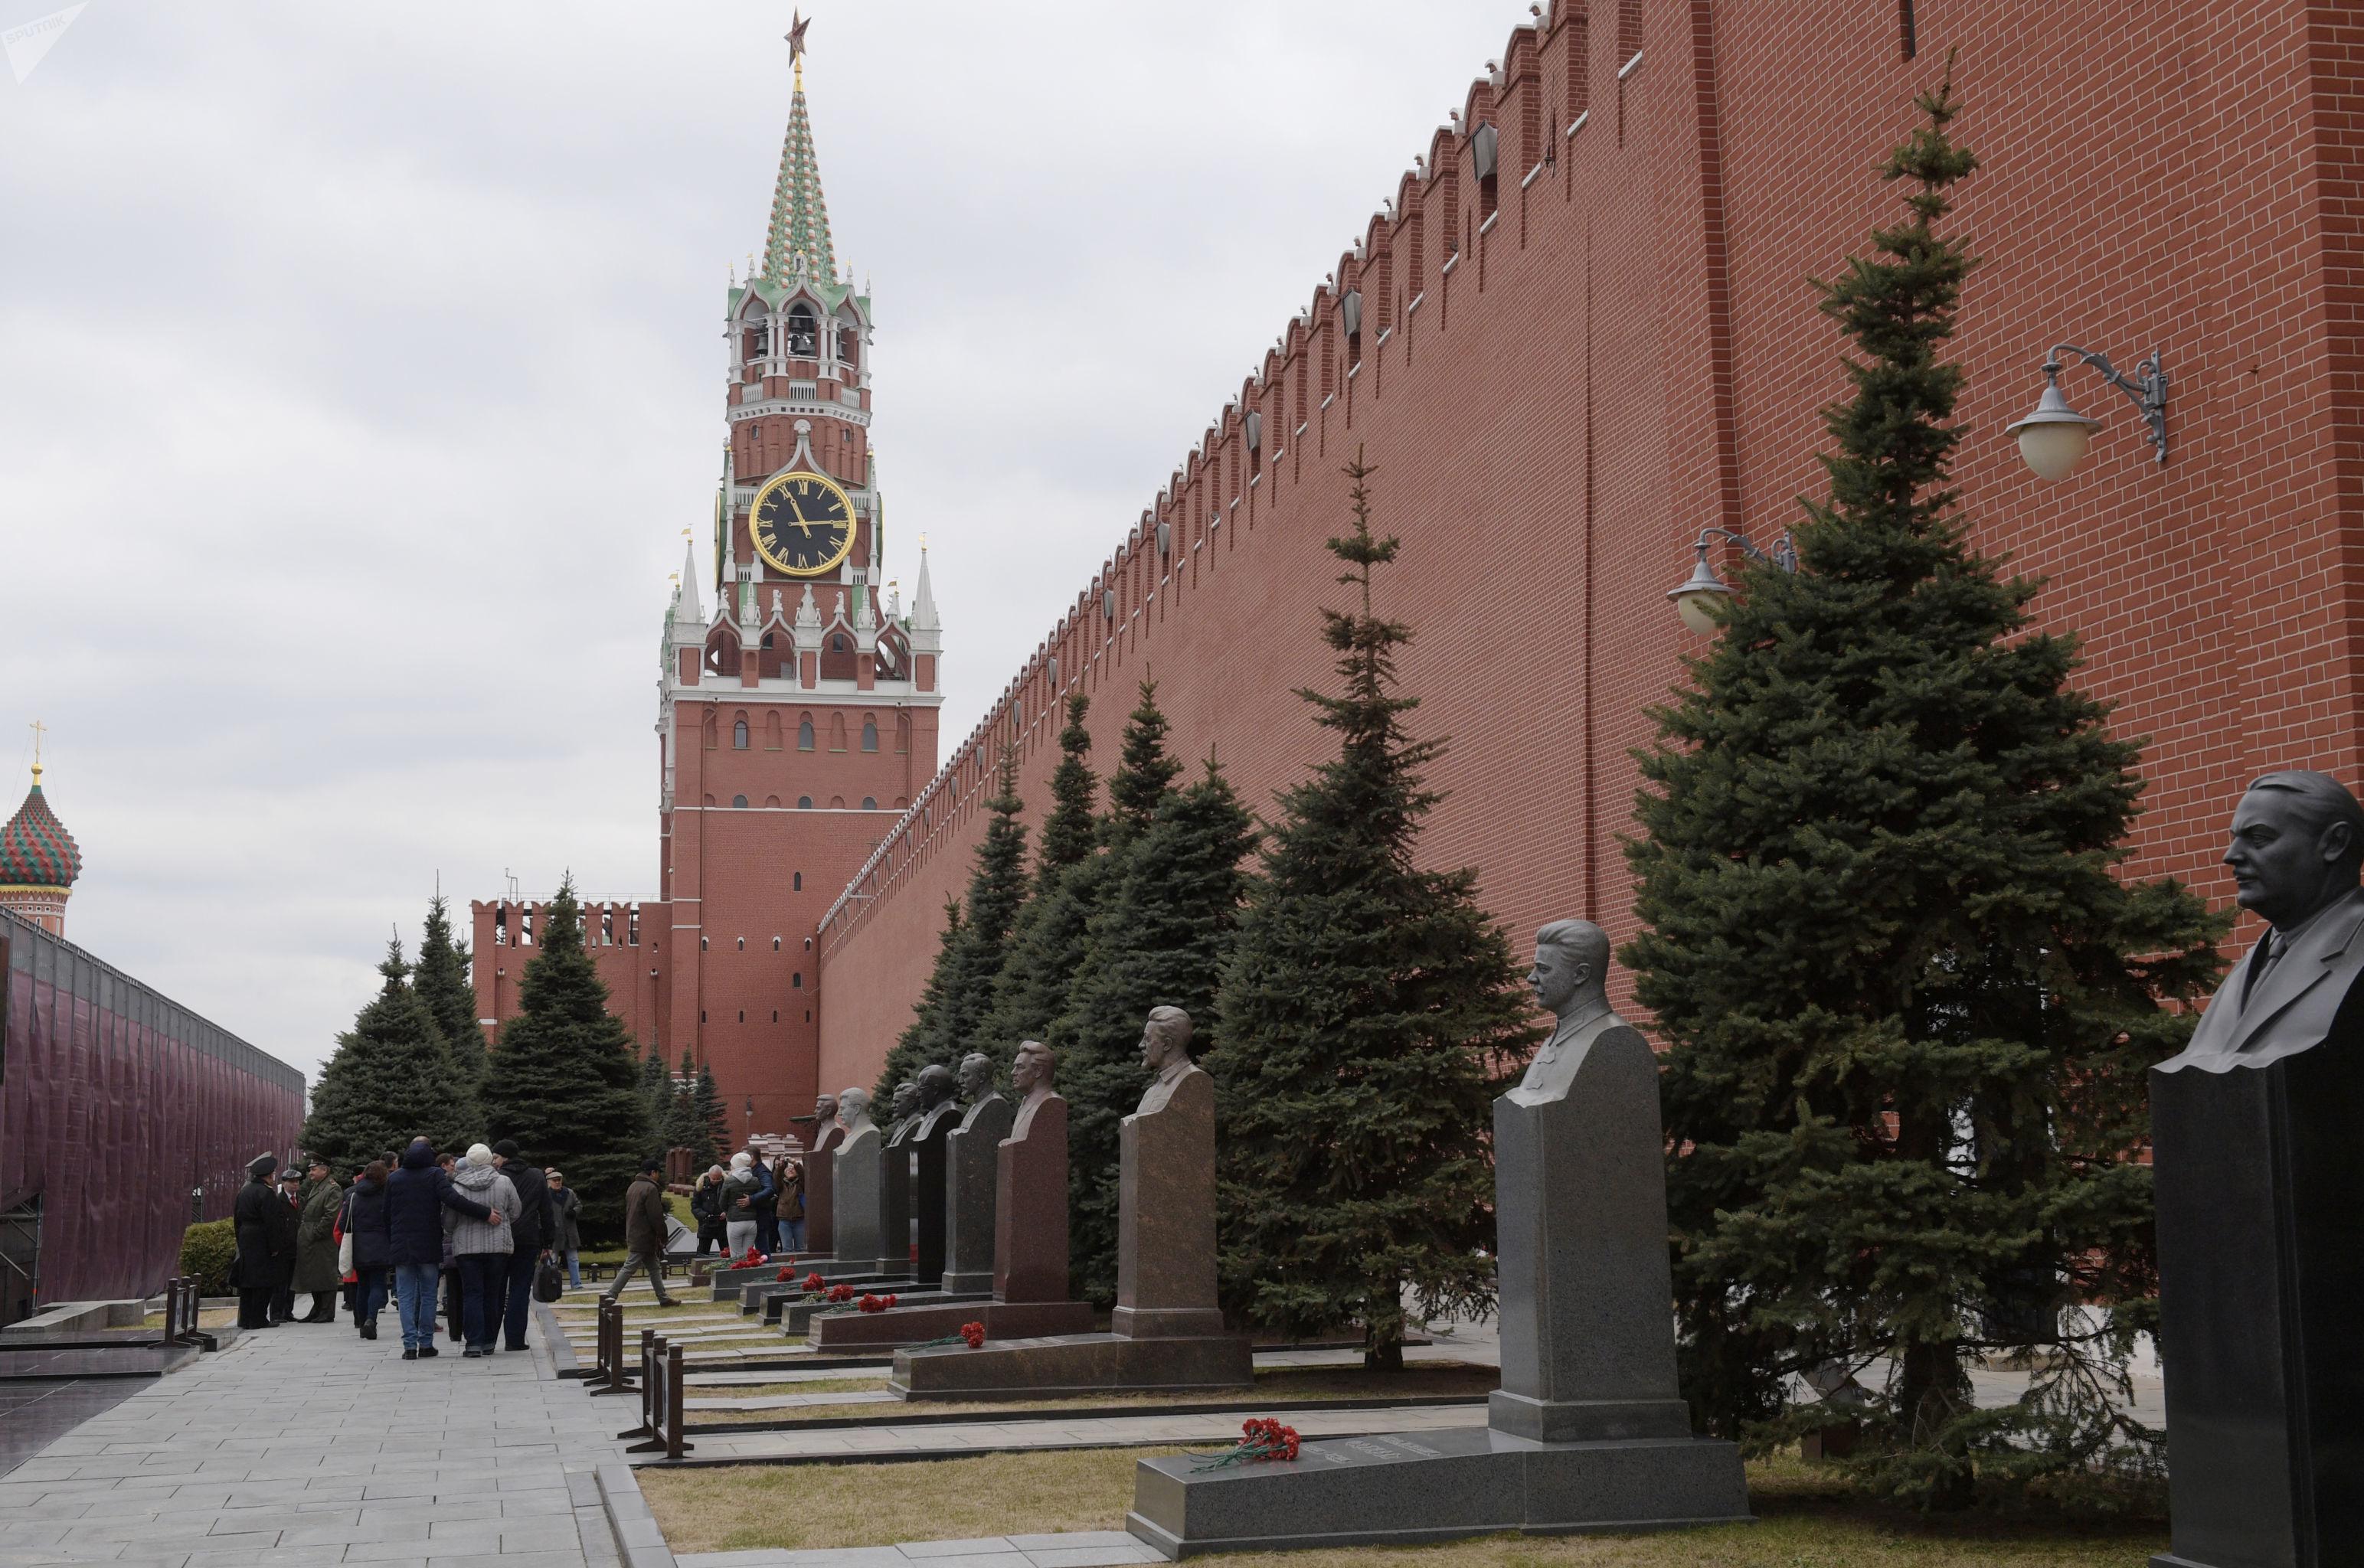 La Necrópolis de la Muralla del Kremlin, ubicada detrás del mausoleo de Lenin